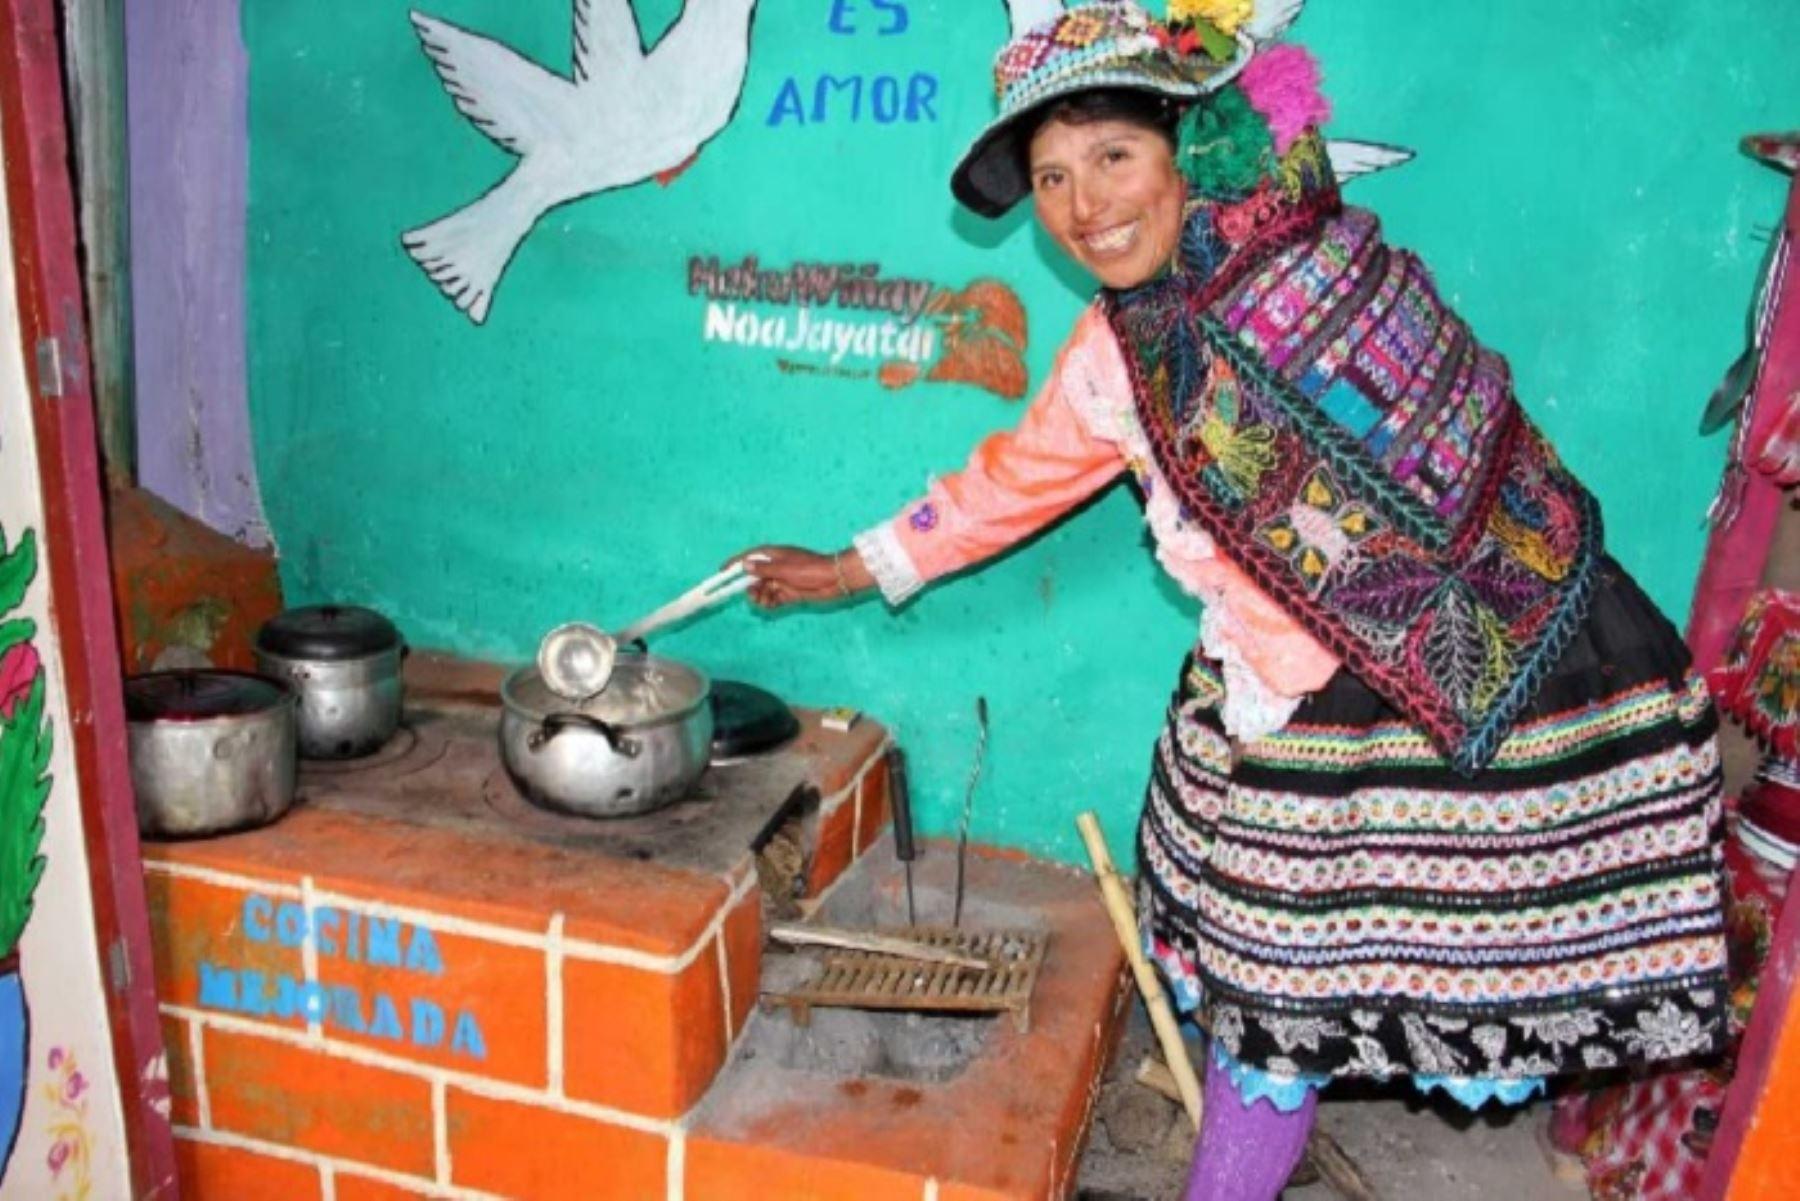 El Ministerio de Desarrollo e Inclusión Social – Midis, a través de Foncodes, instaló 167,974 cocinas mejoradas a leña en las viviendas de las familias usuarias del proyecto Haku Wiñay/Noa Jayatai en comunidades rurales de la Sierra y Selva, como una forma de contribuir a mejorar la salud de las familias y mitigar el cambio climático.